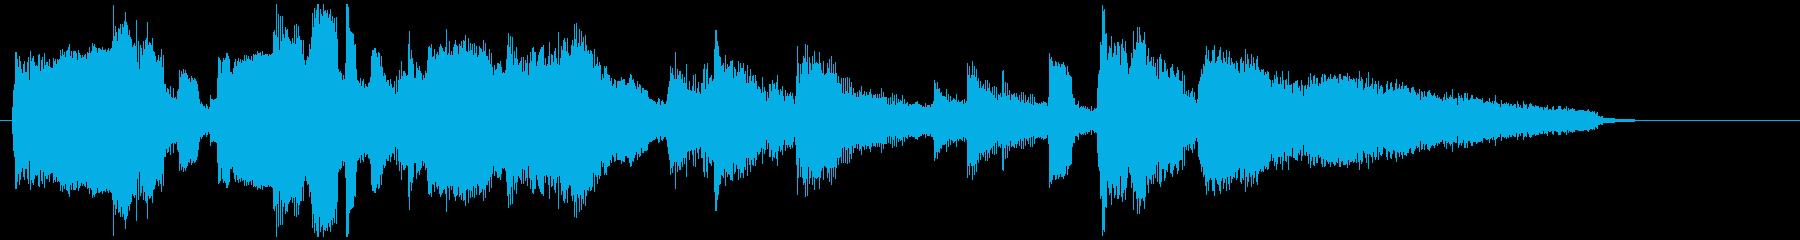 まったり雰囲気のCM向けジャズバラードの再生済みの波形